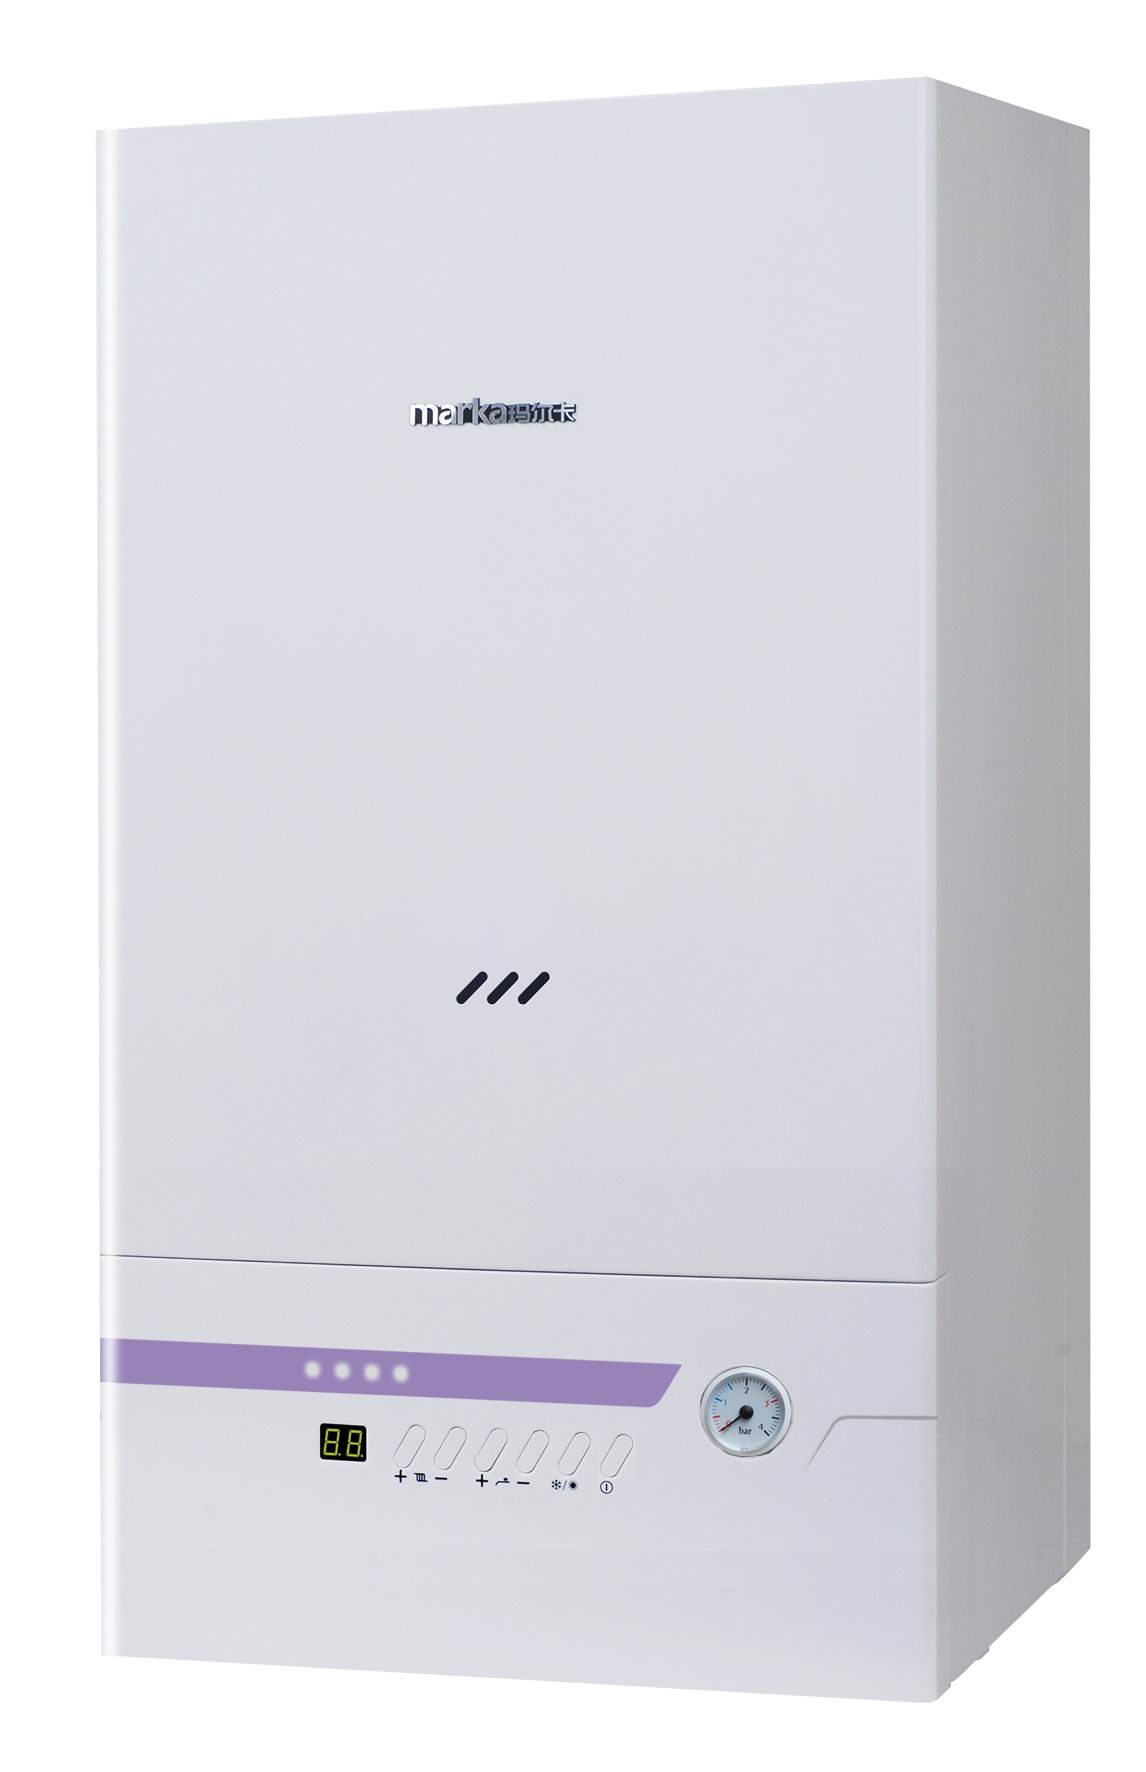 Snelle bespaartip: zet de temperatuur van de boiler lager